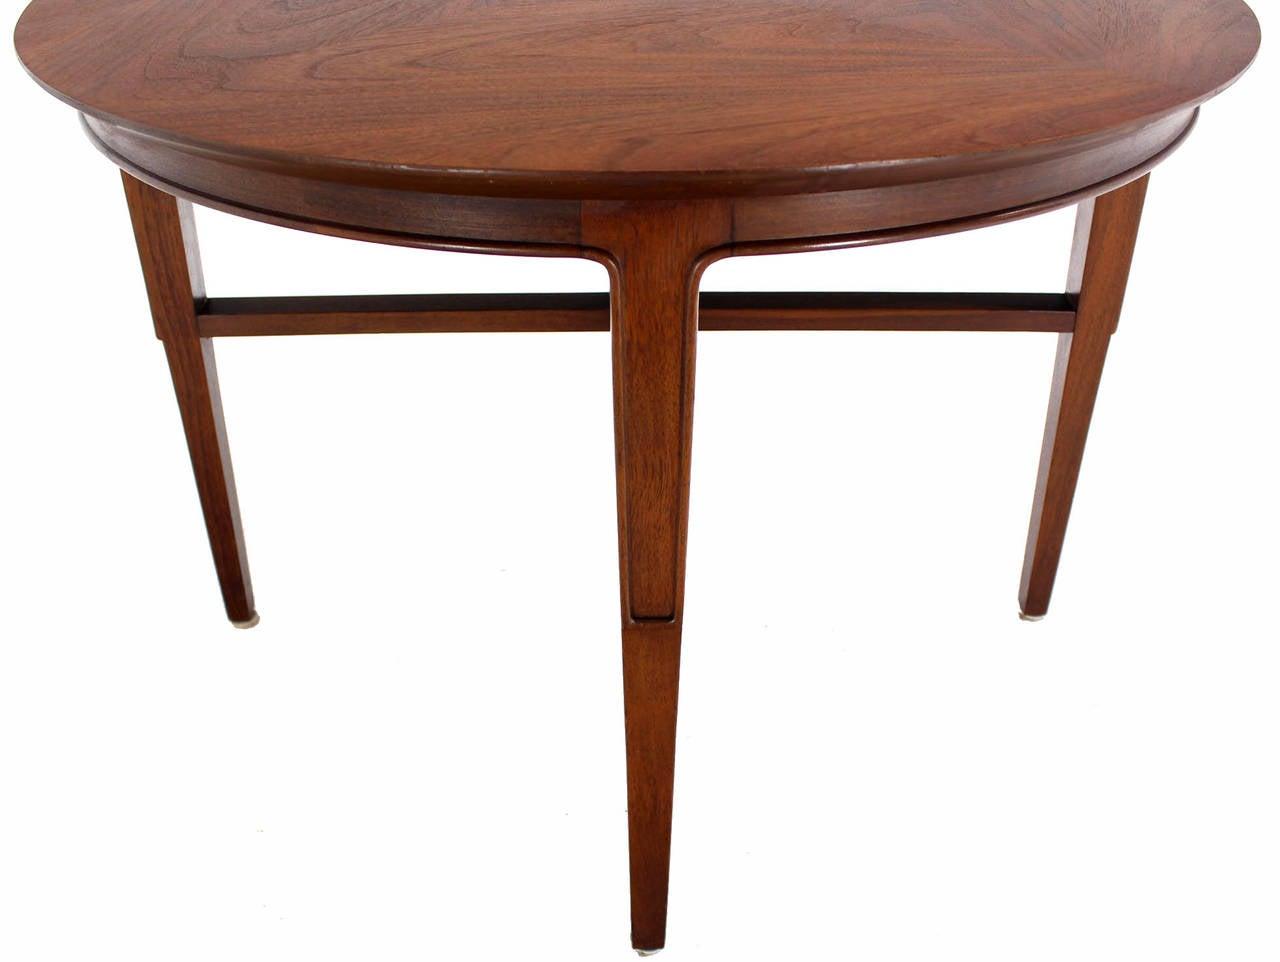 John Stuart Mid-Century Modern Walnut Round Side Table at 1stdibs